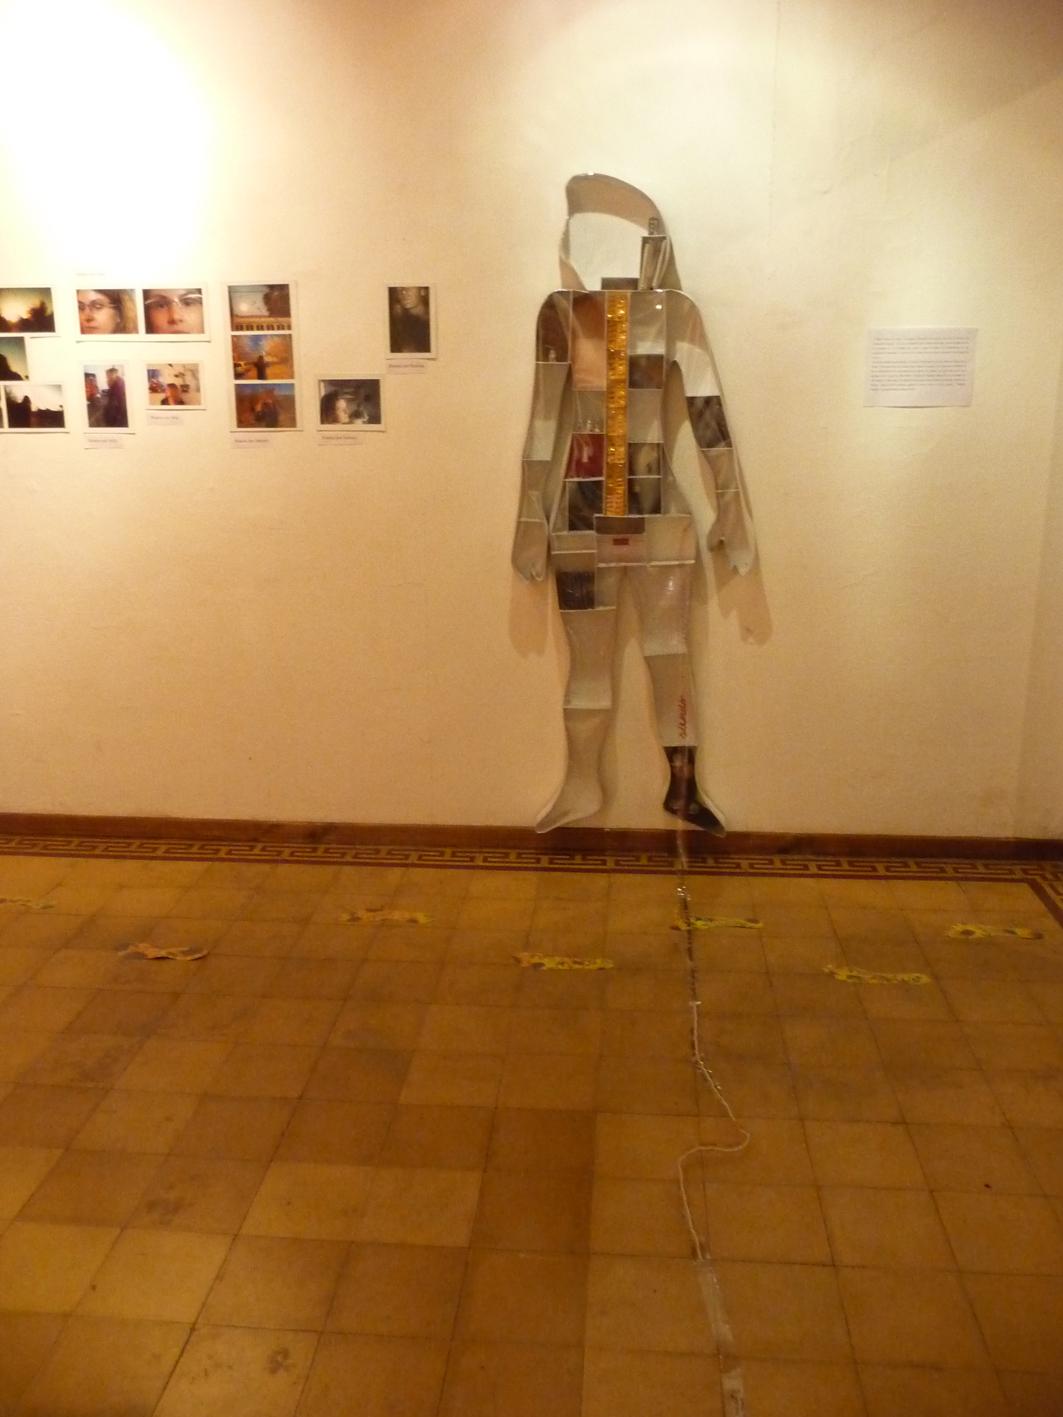 El cuerpo y sus formas, tesis Artes Visuales